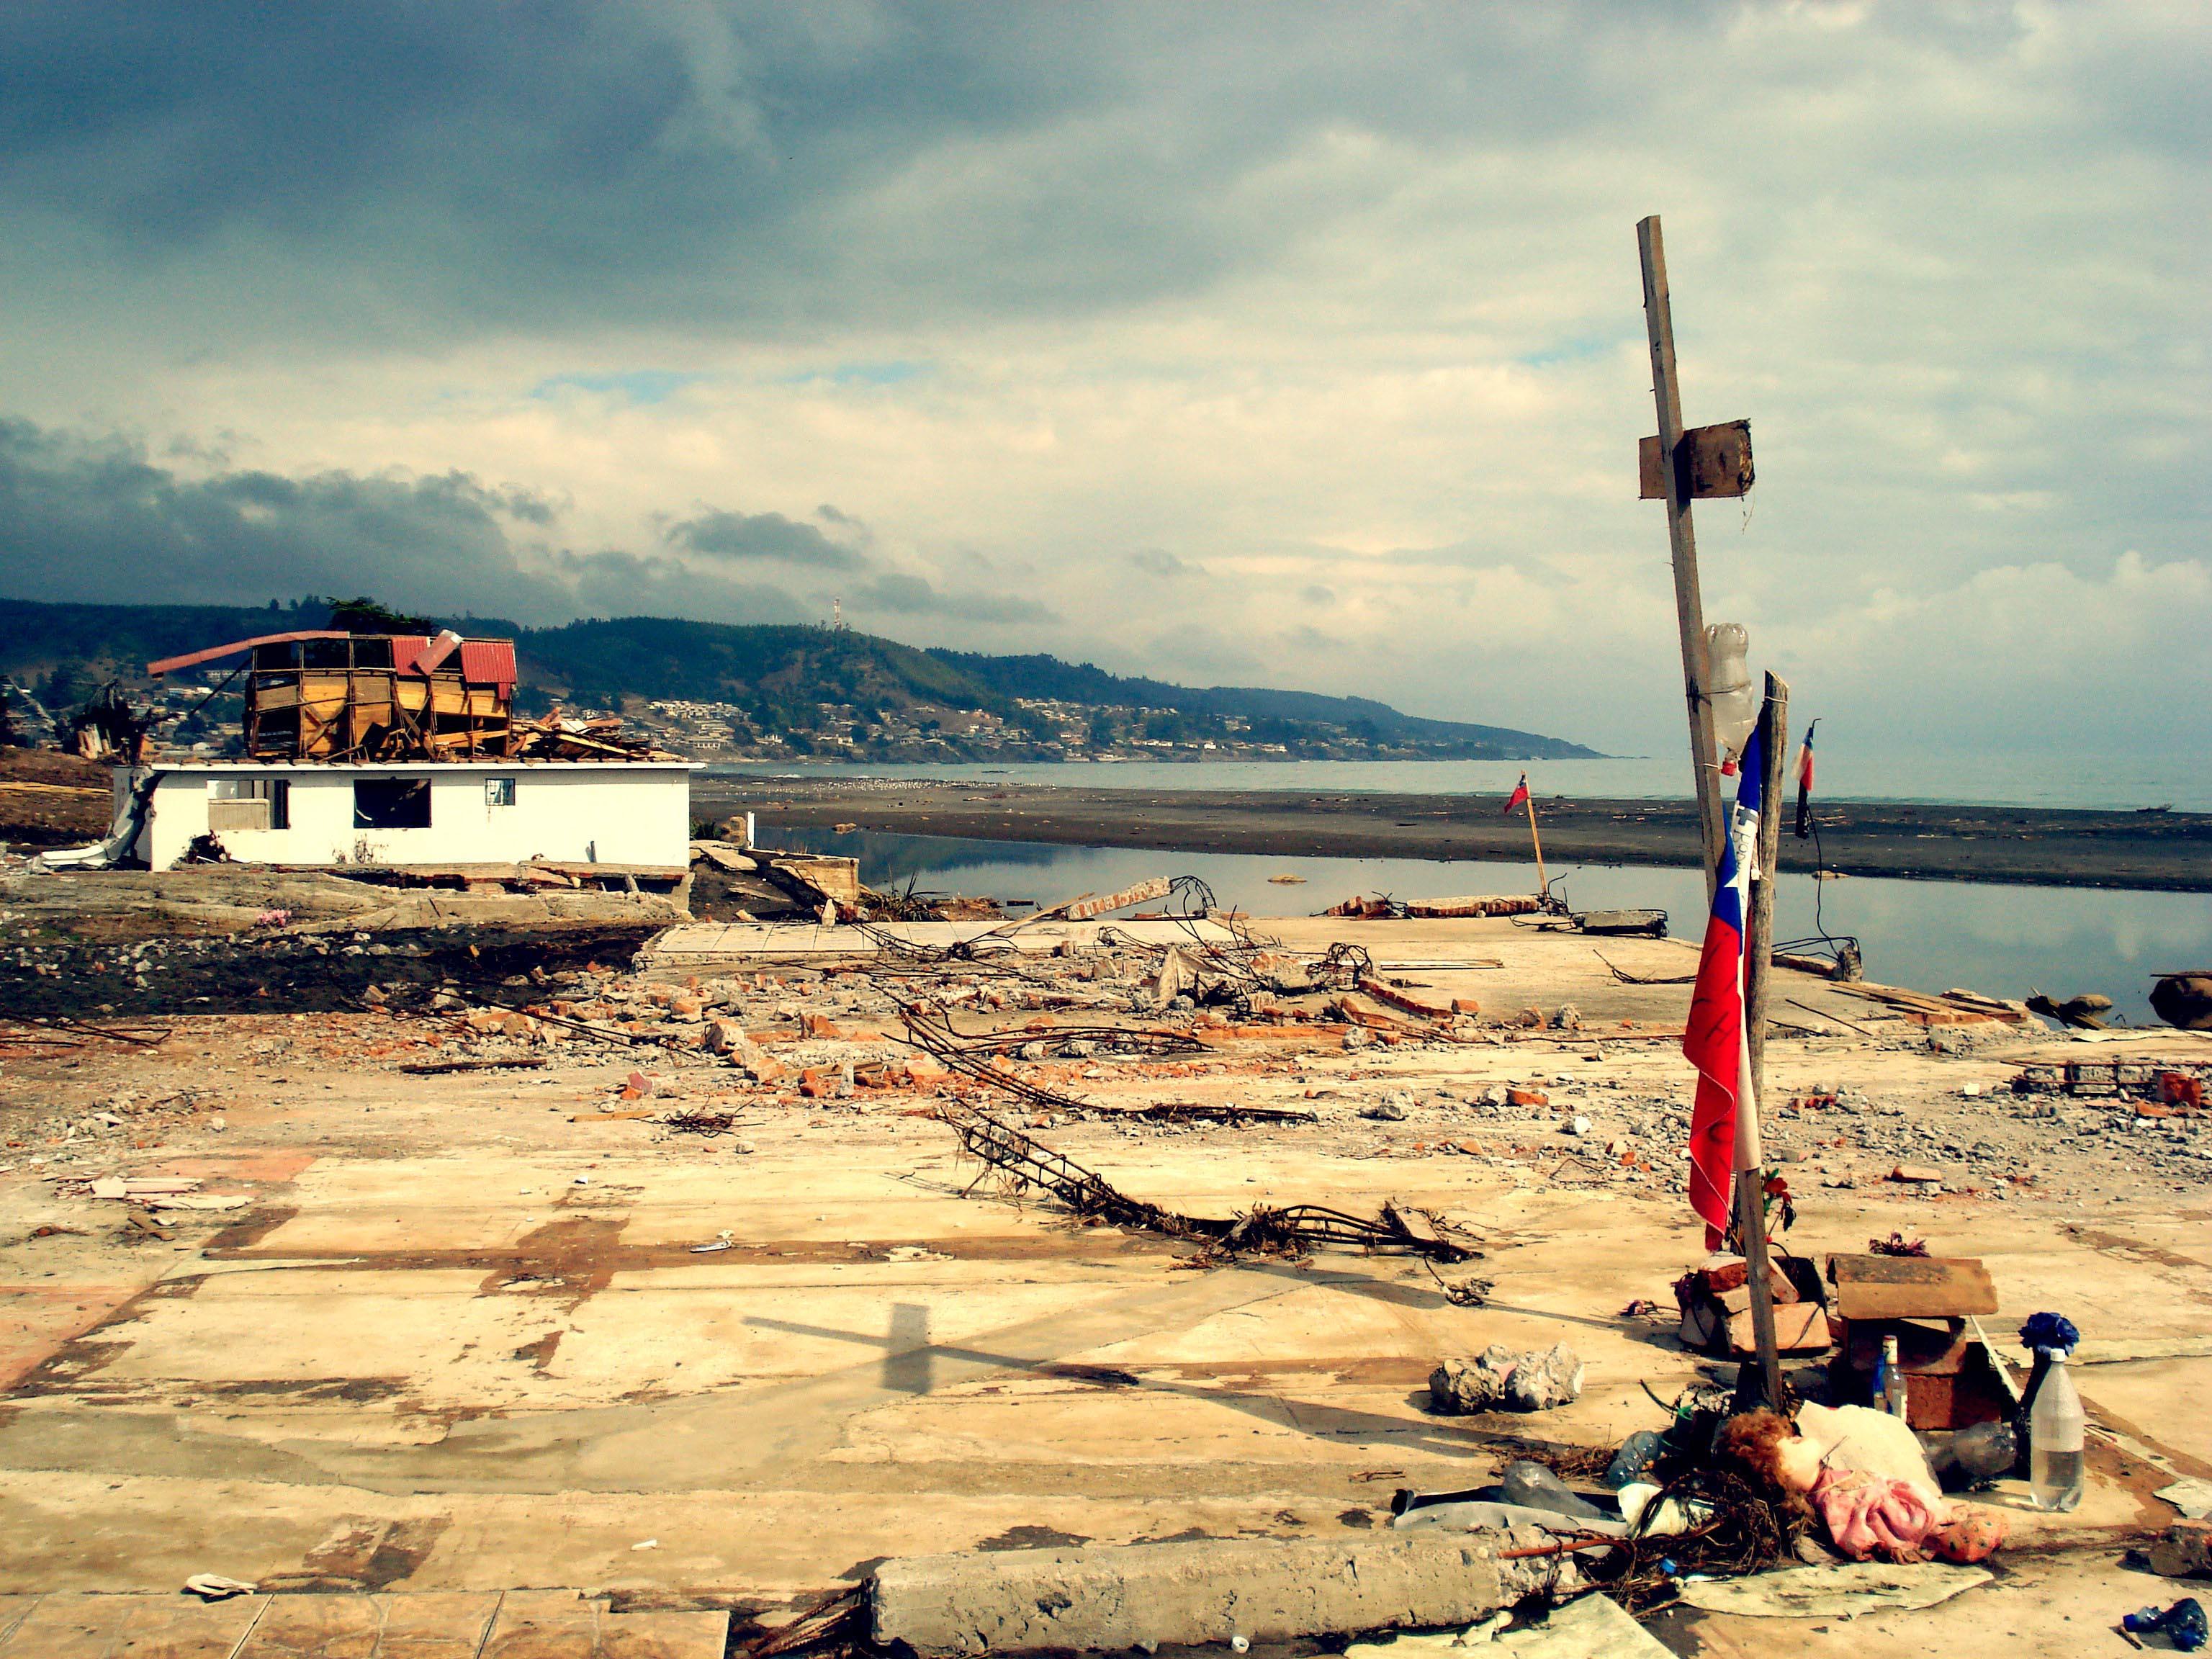 Chile requiere quintuplicar número de investigadores en desastres durante los próximos 20 años